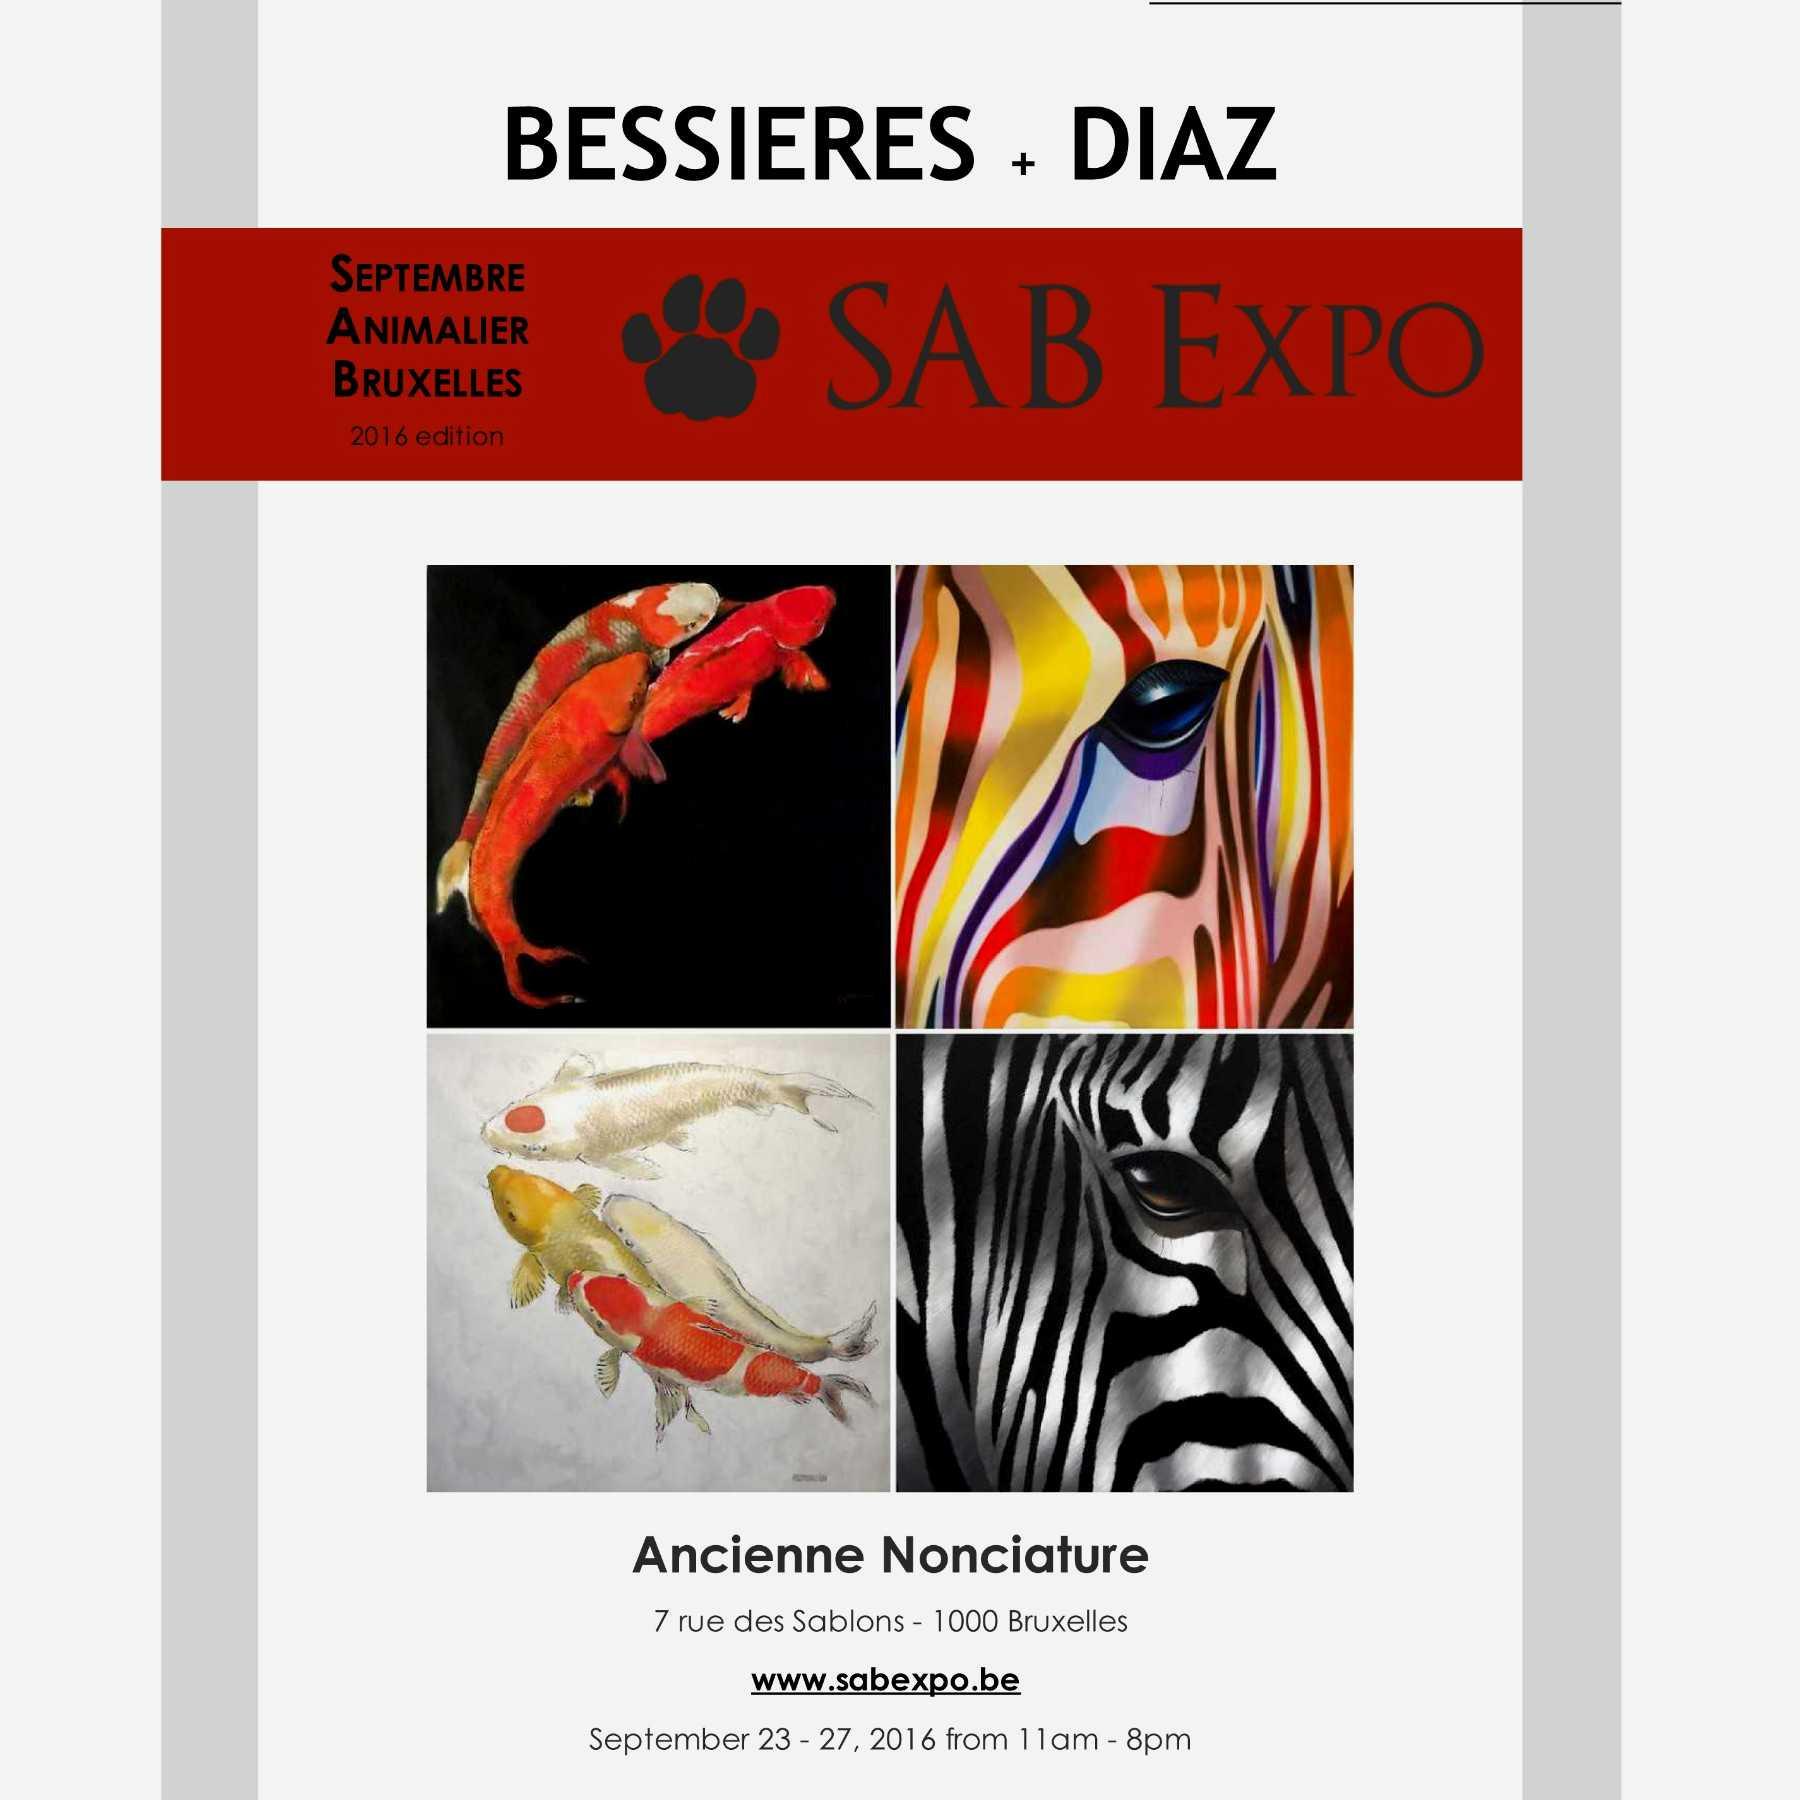 Bessières & Diaz at SAB